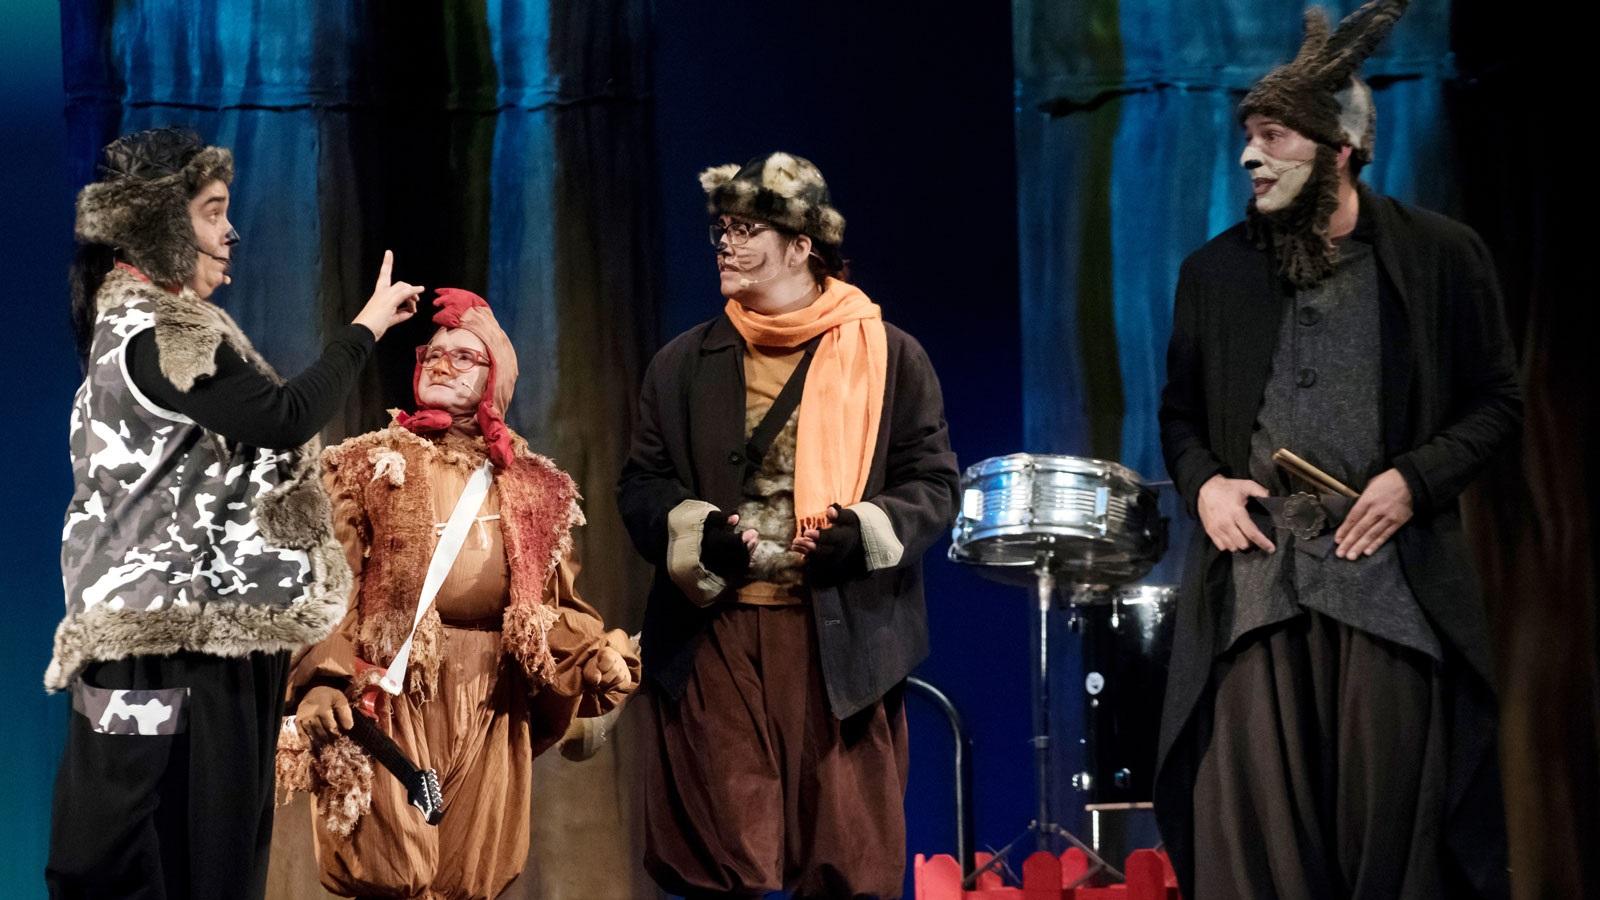 Els músics de Bremen in concert teatre condal barcelona